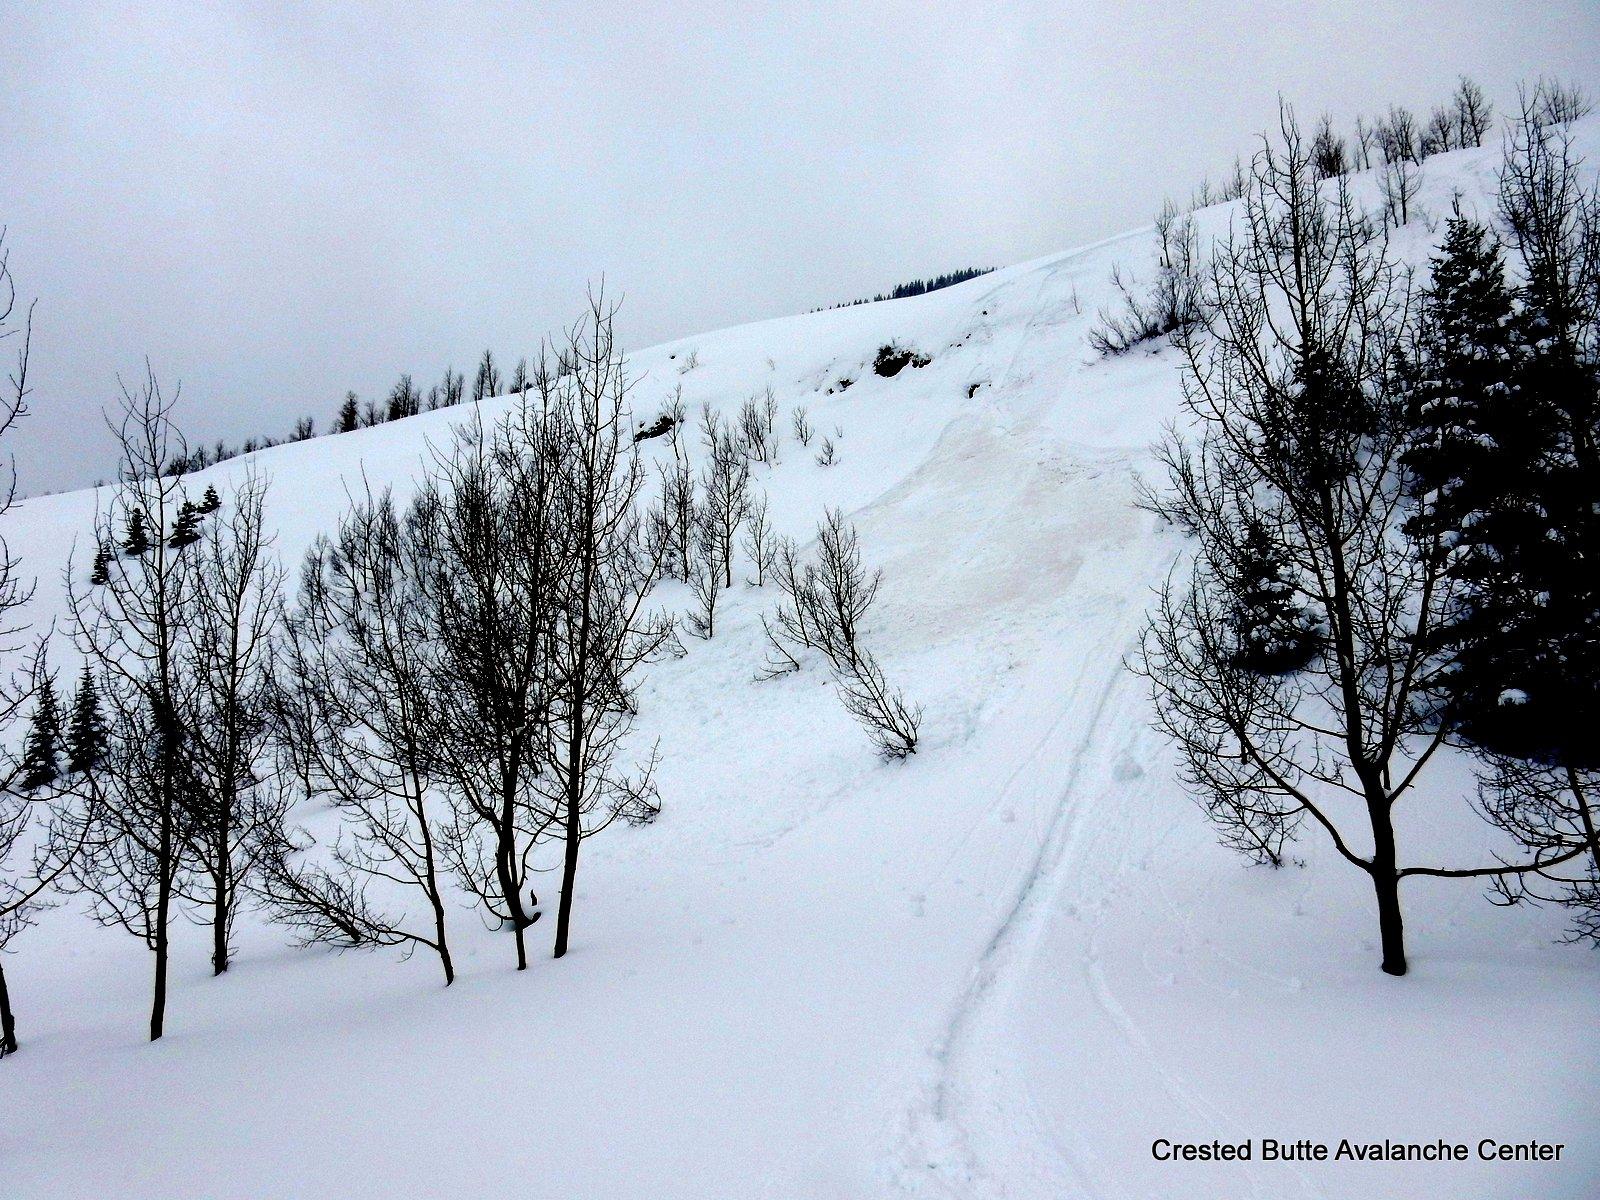 Pinwheels and skier triggered wet loose, NE aspect BTL near valley bottom.